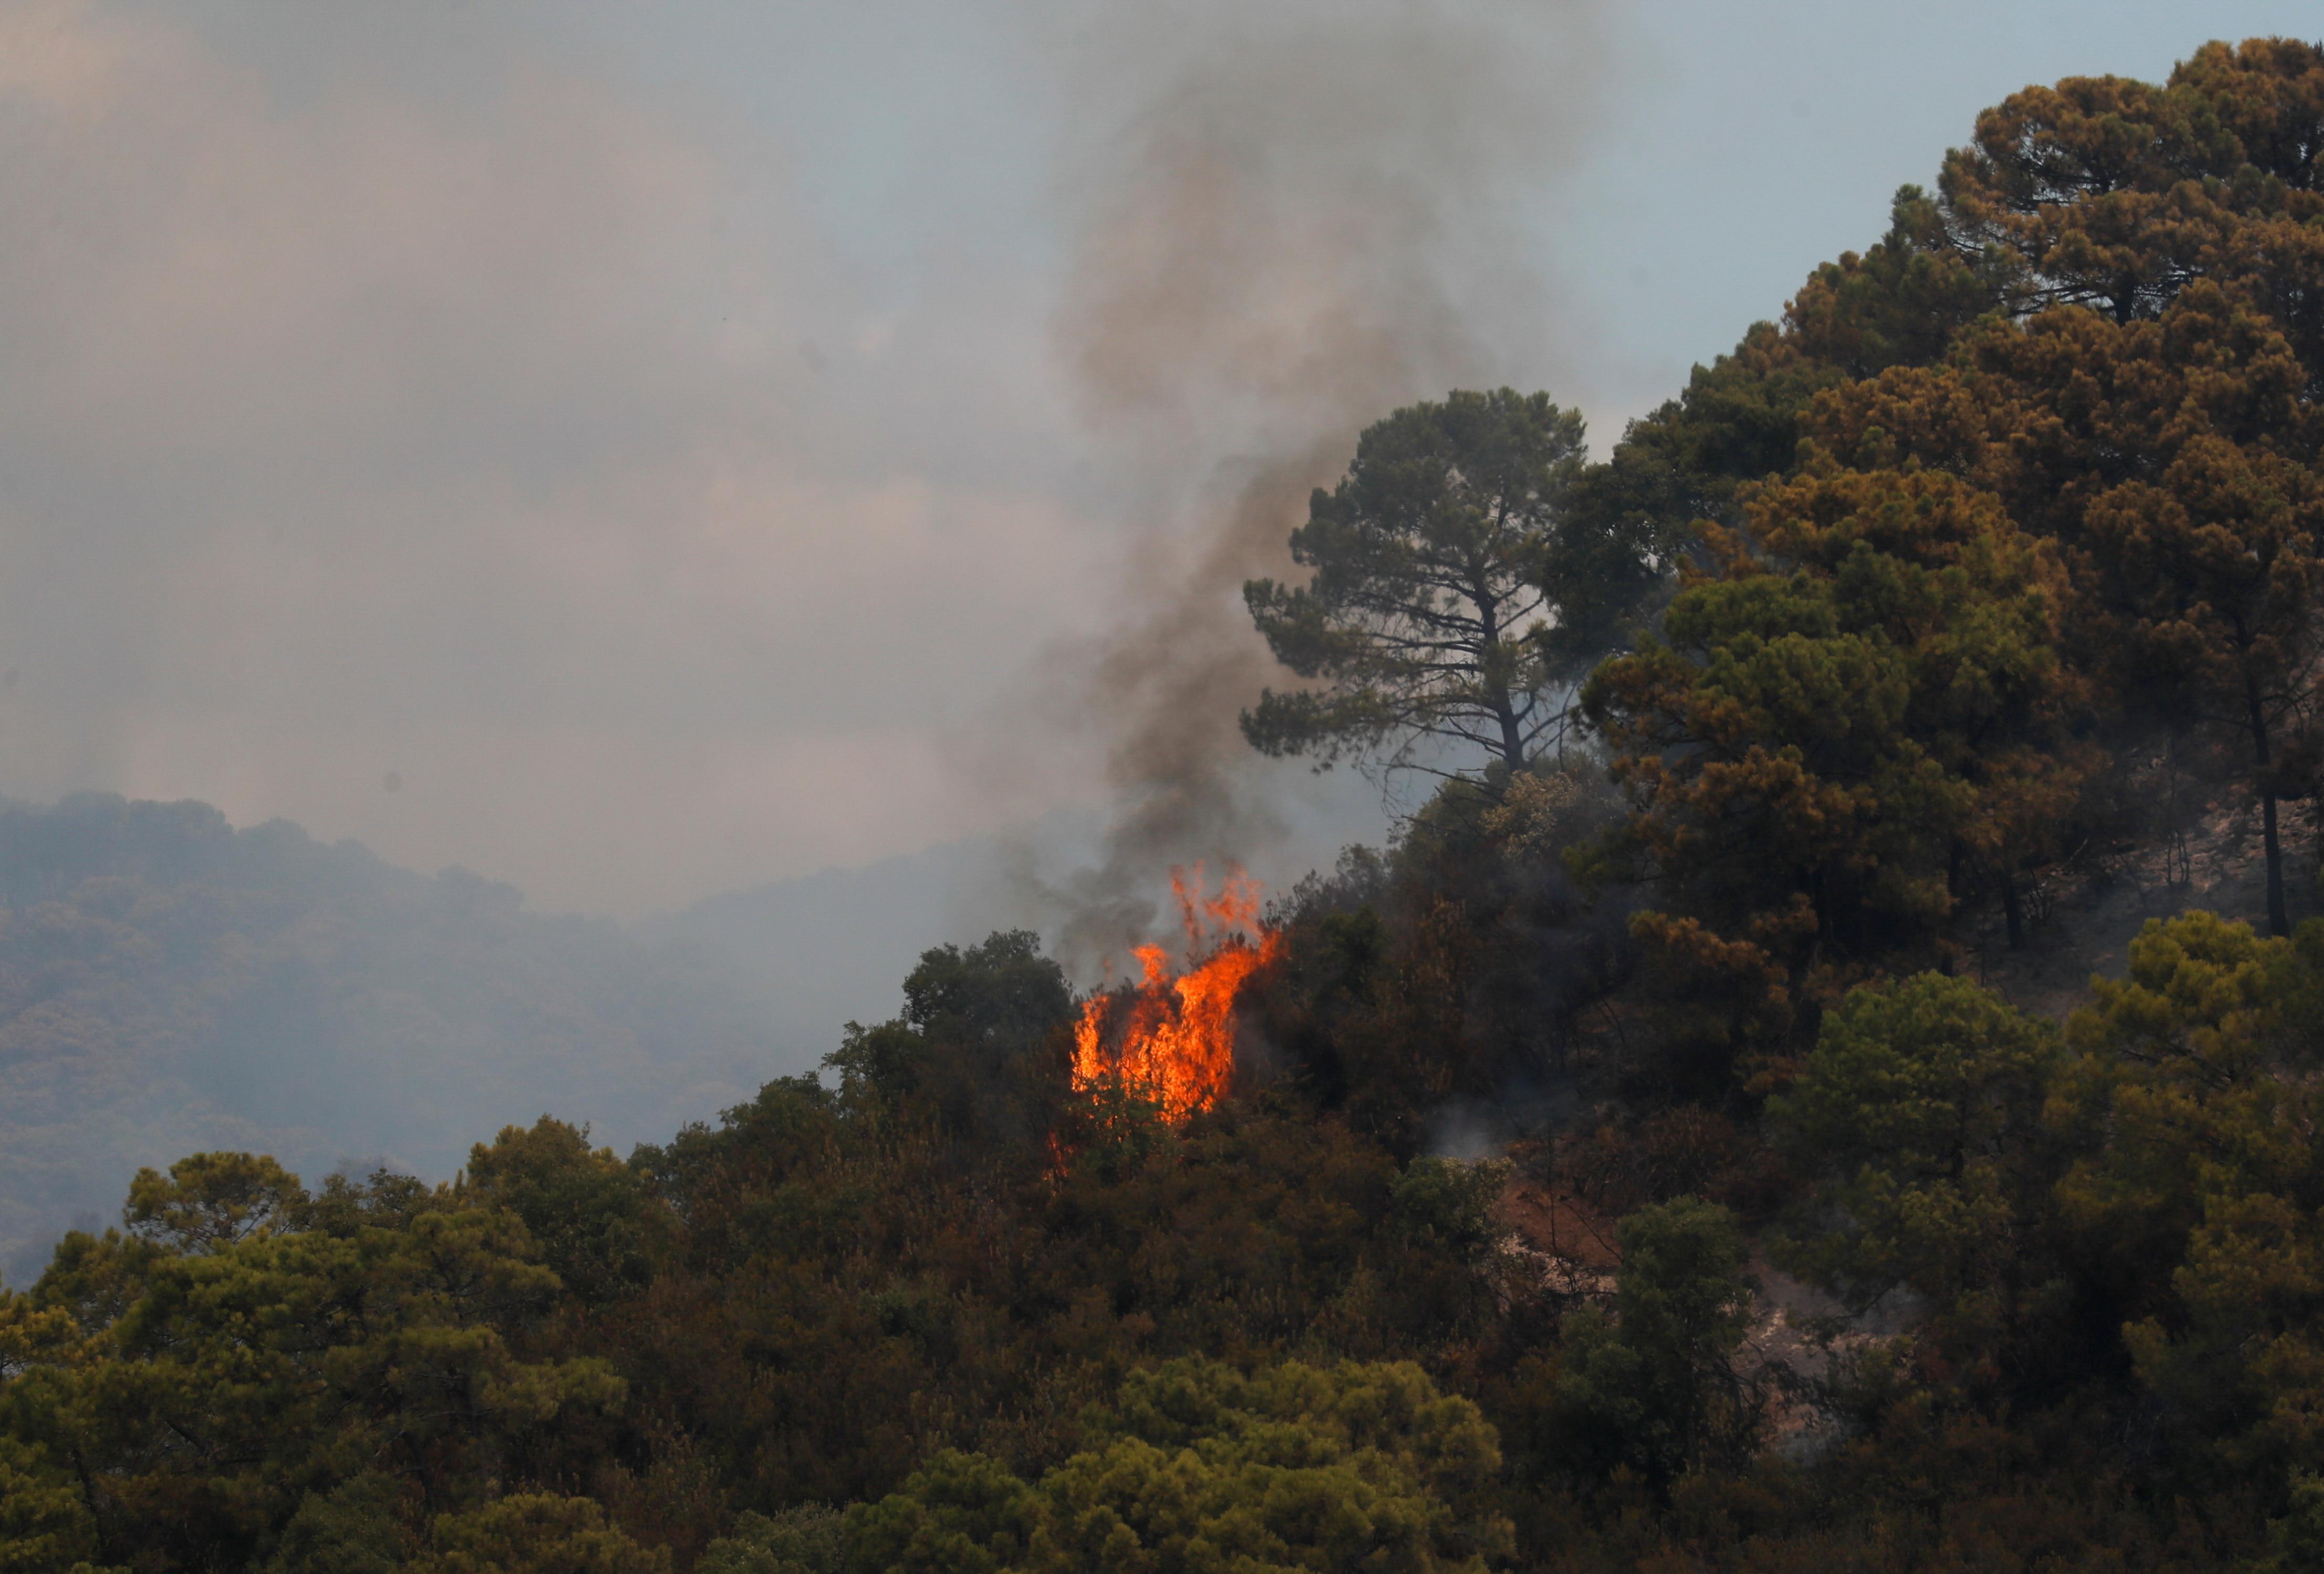 a wildfire burns on Sierra Bermeja mountain in Estepona, Spain, September 9, 2021